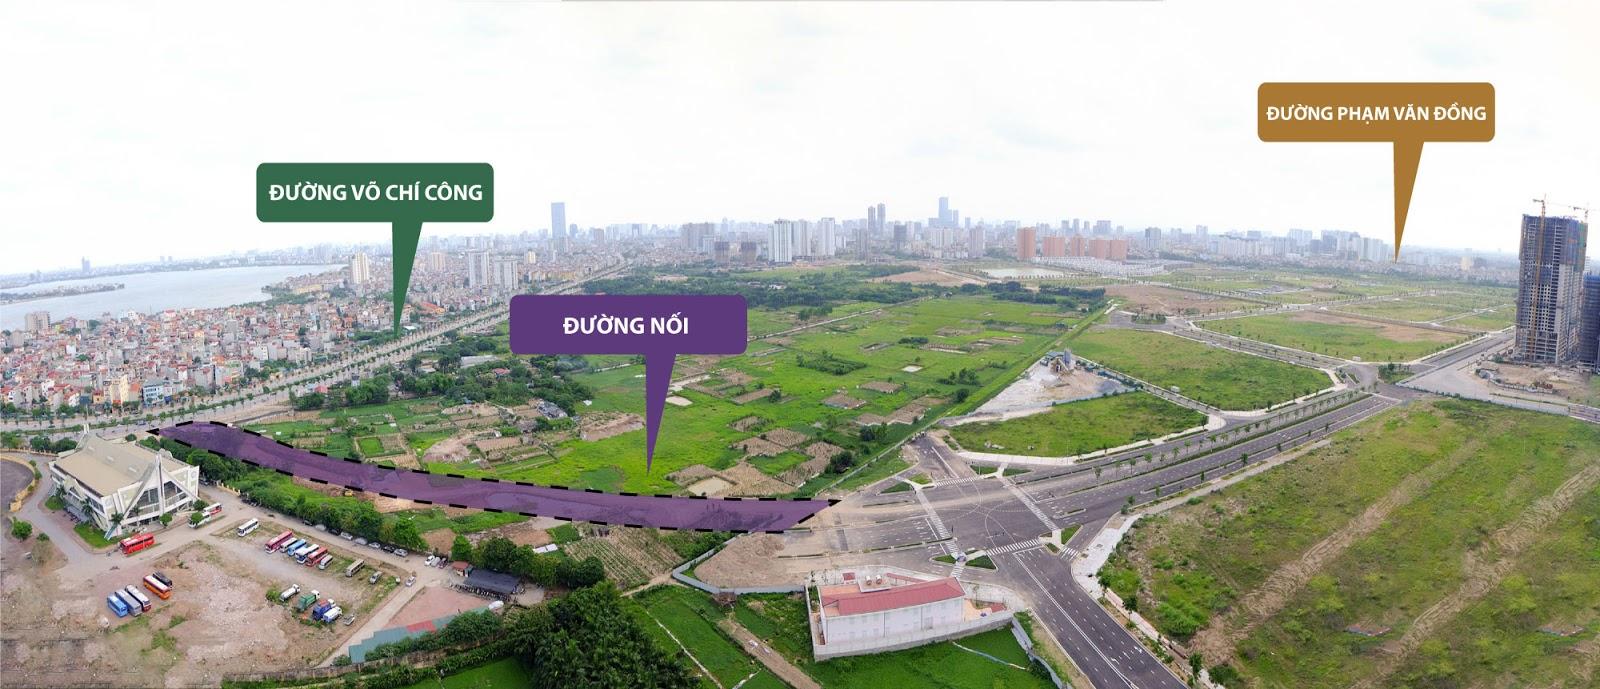 Chính thức hoàn thành đấu nối Tuyến đường Võ Chí Công - Ngoại Giao Đoàn | Chung cư 789 Xuân Đỉnh